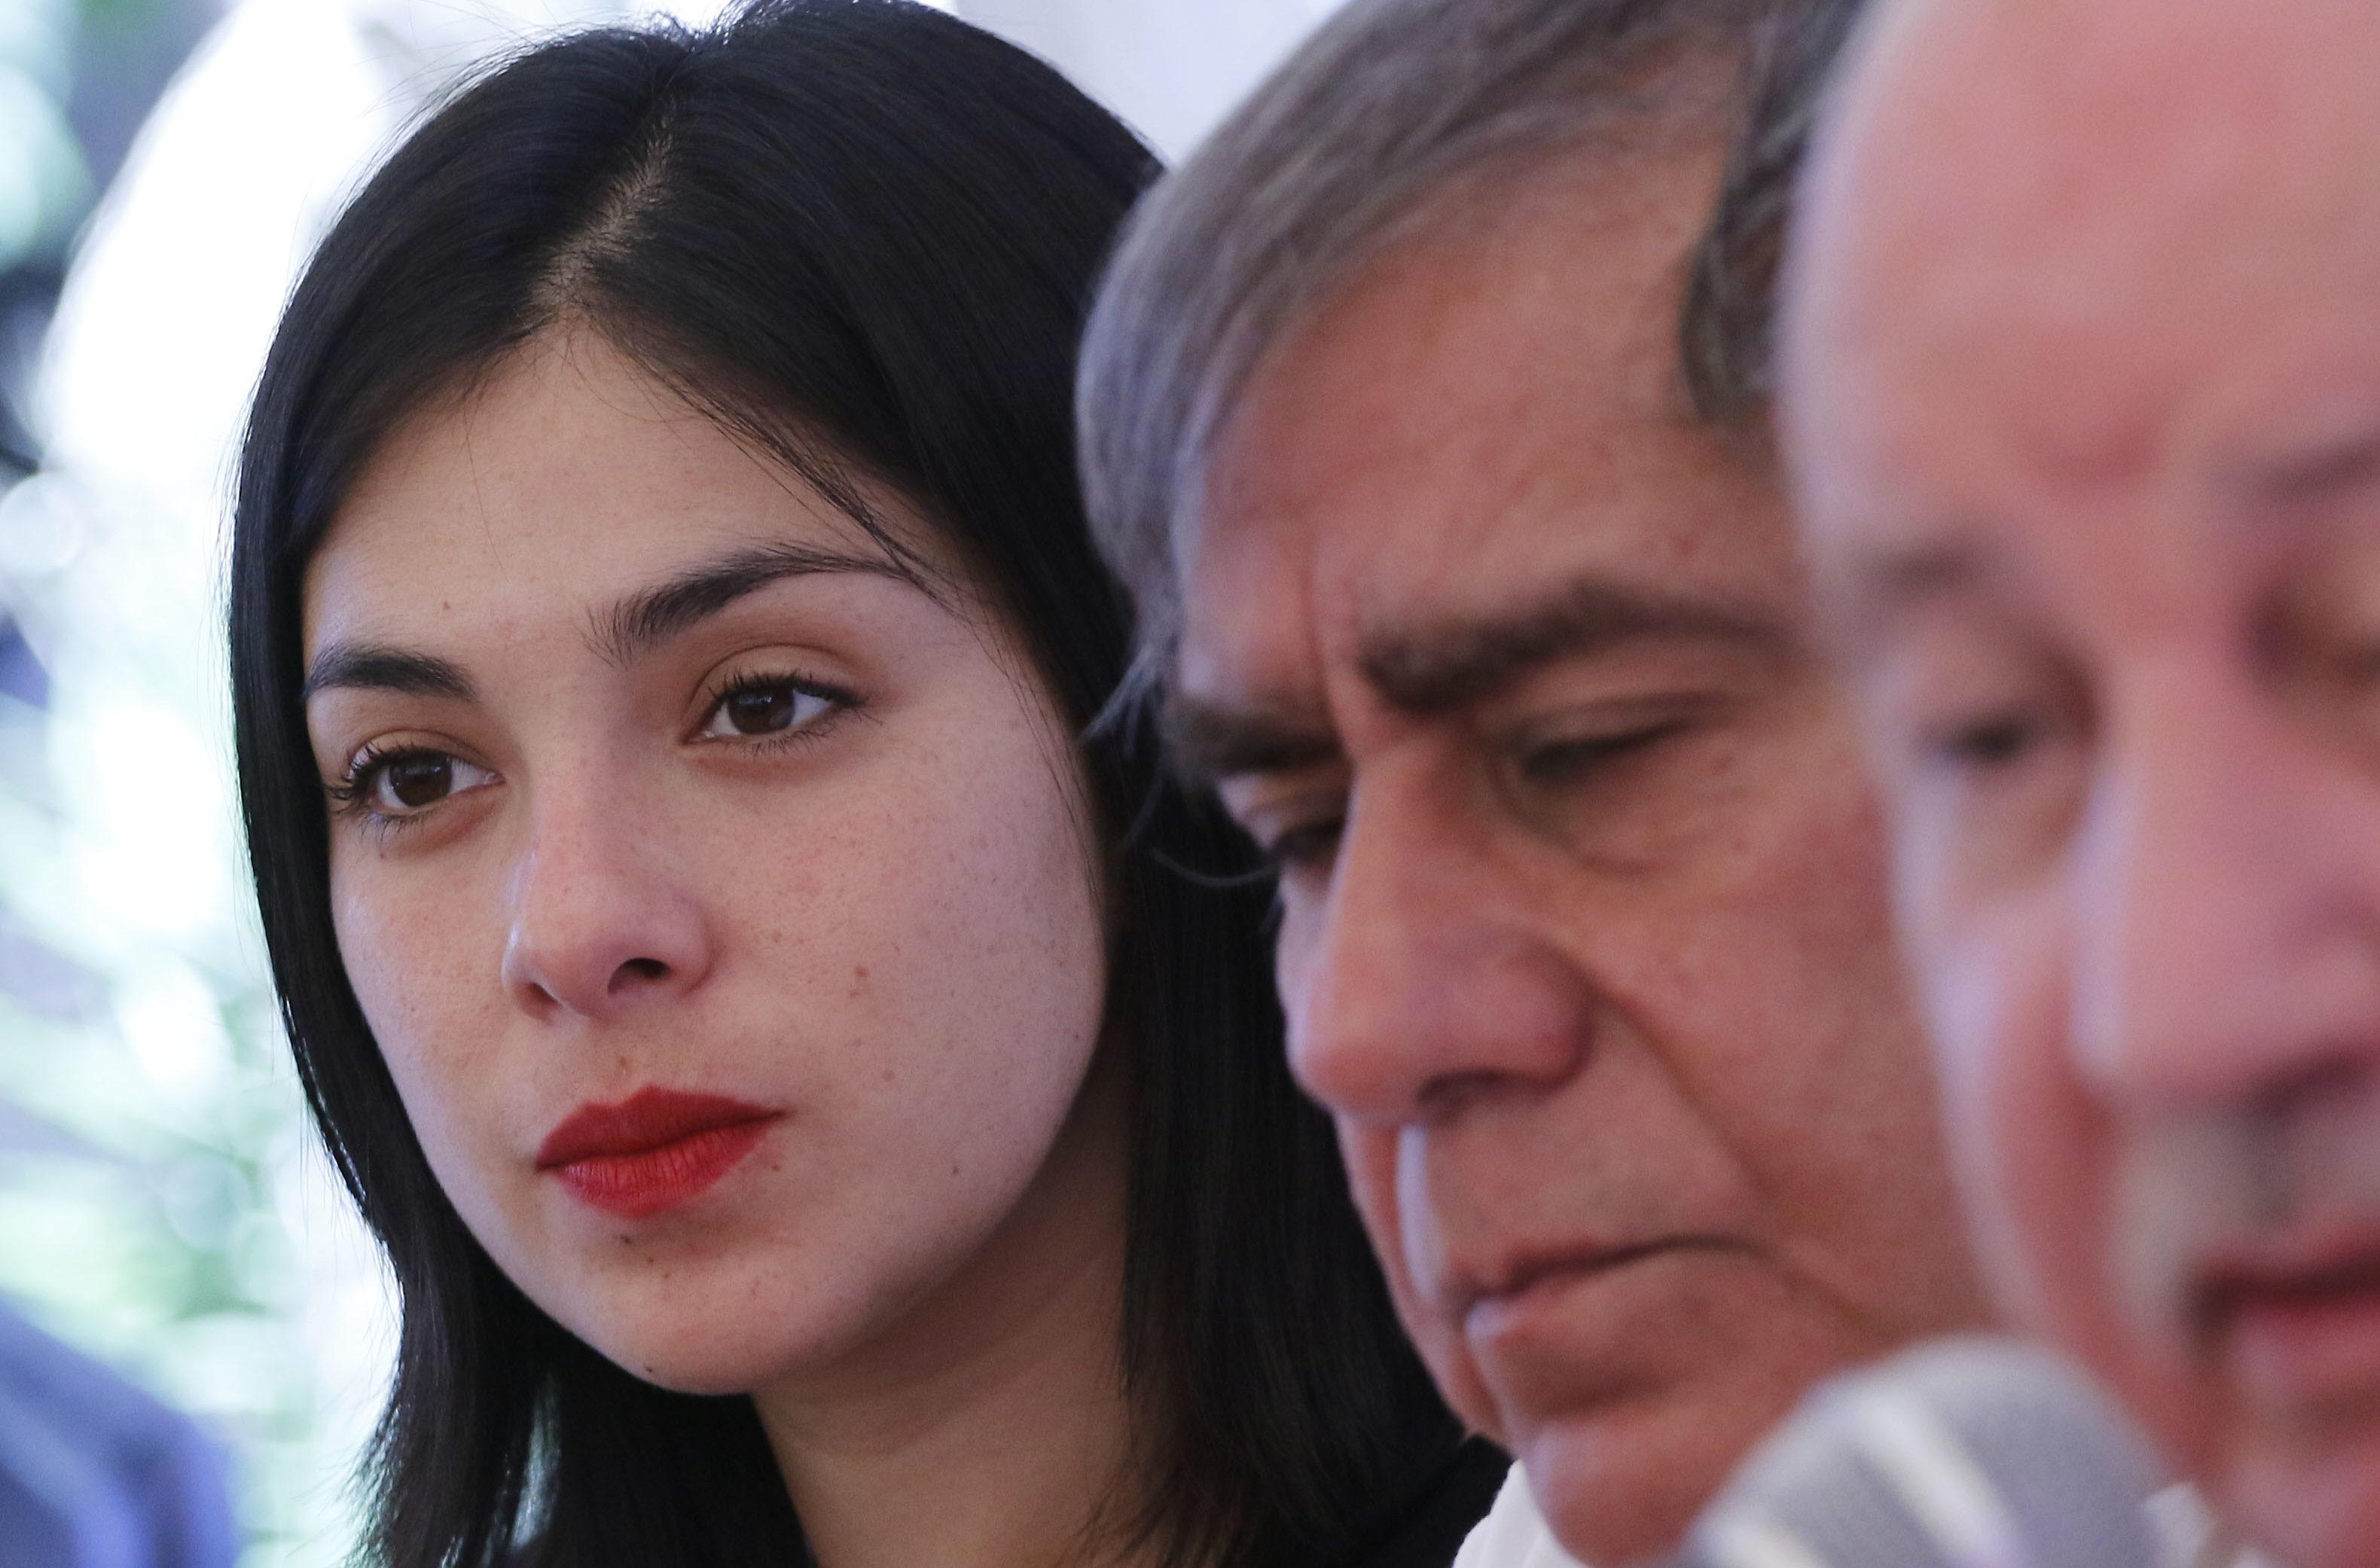 Críticas de la política y la TV a proyecto del Gobierno que tipifica violación según grado de resistencia